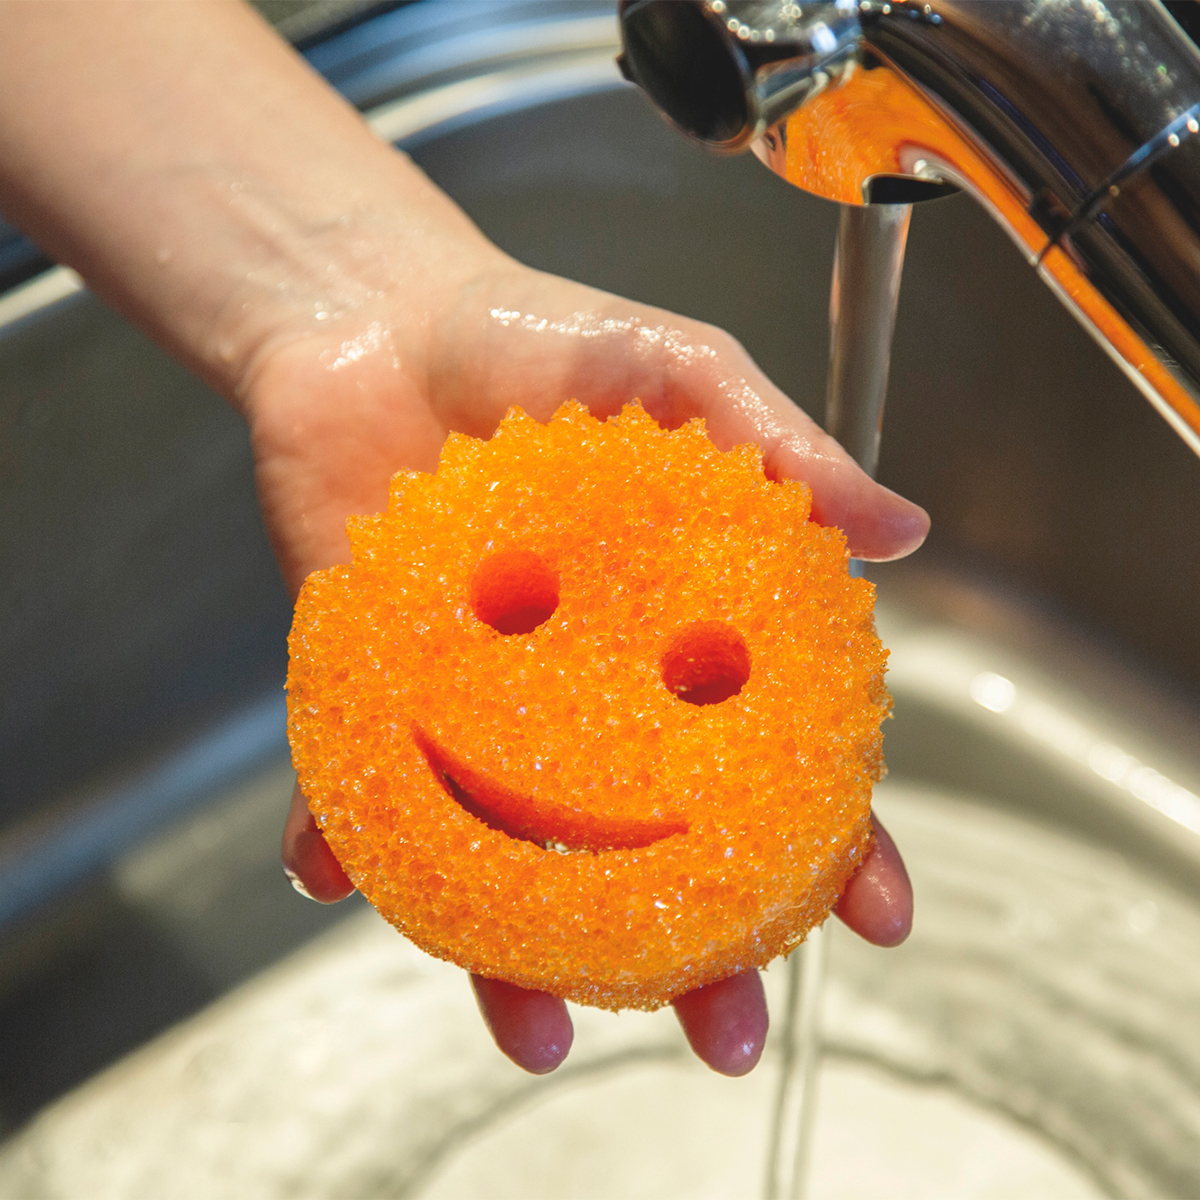 水切れがいい本品は、一時間ほどで速乾するから、カビも発生しにくくニオイ残りもほとんどない「洗浄スポンジ」|Scrub Daddy